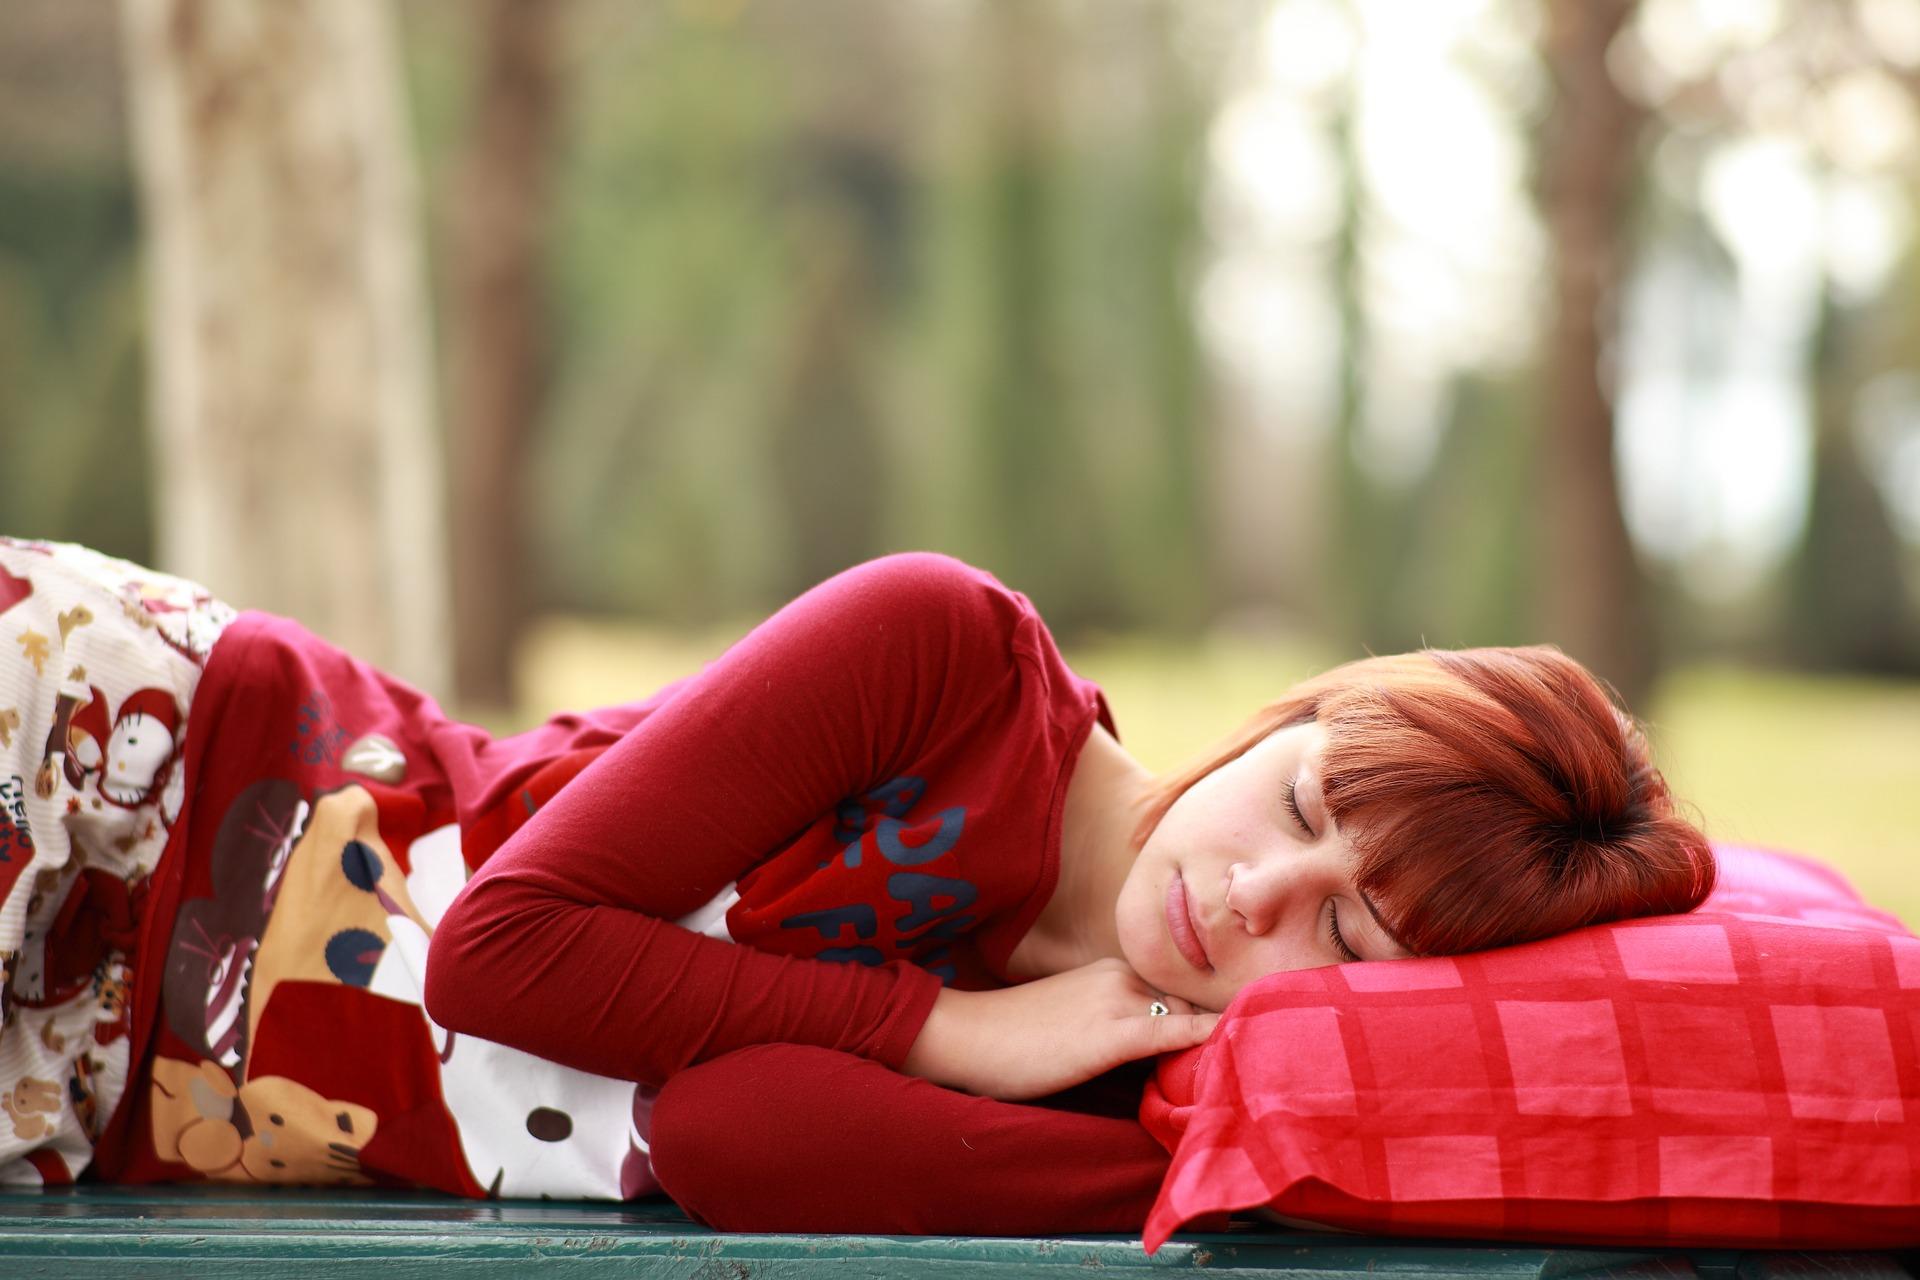 Рейтинг лучших подушек при шейном остеохондрозе на 2021 год